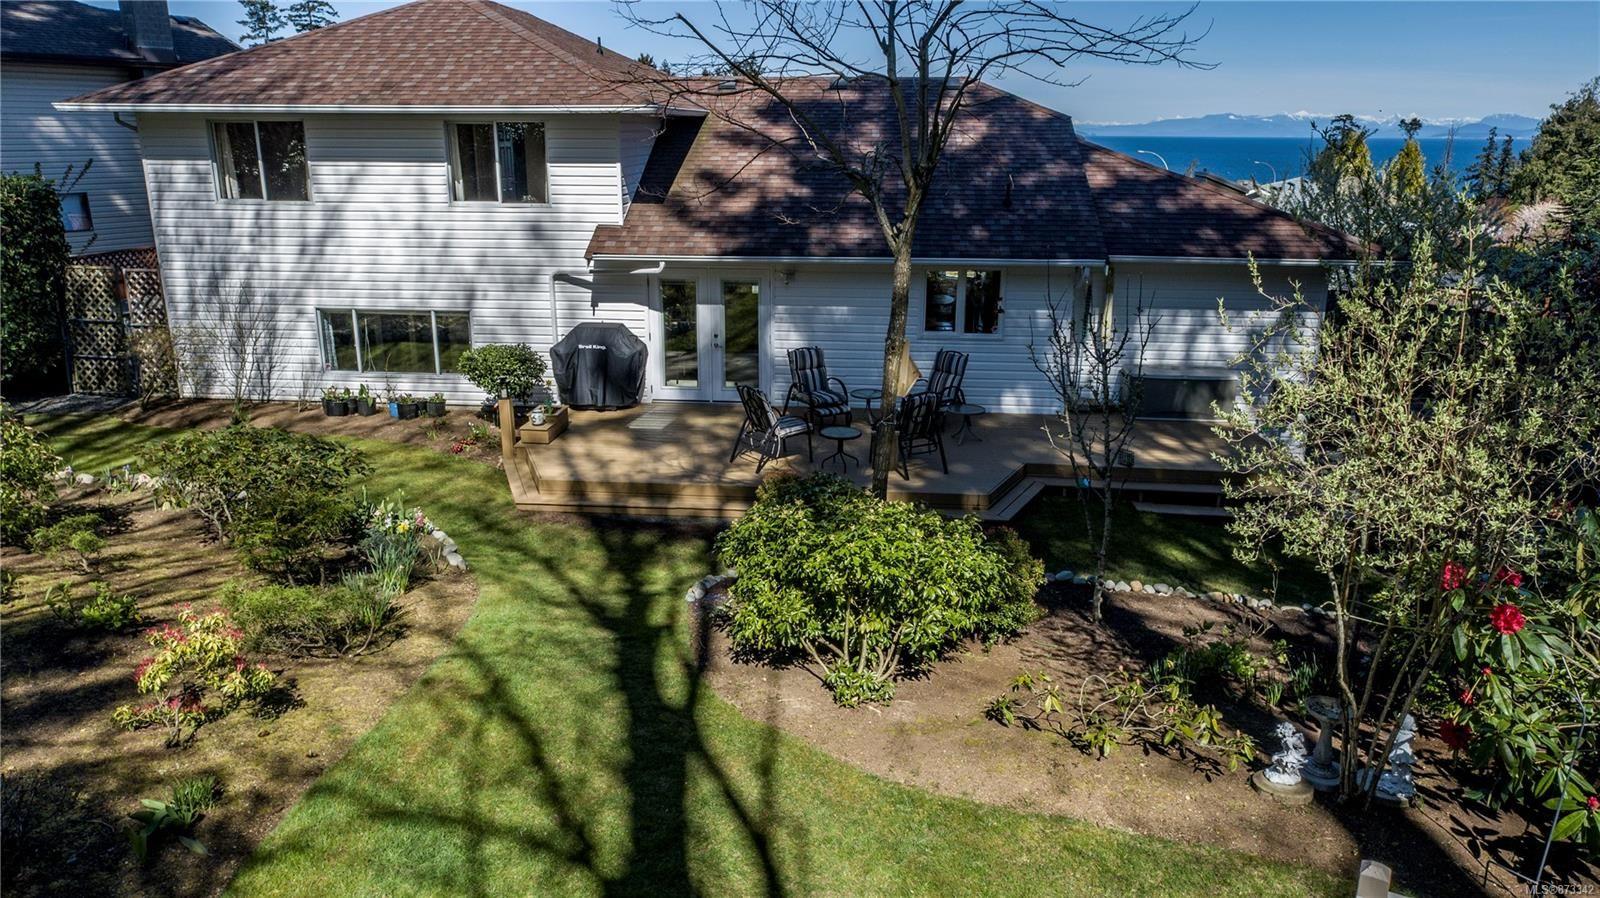 Photo 70: Photos: 5294 Catalina Dr in : Na North Nanaimo House for sale (Nanaimo)  : MLS®# 873342